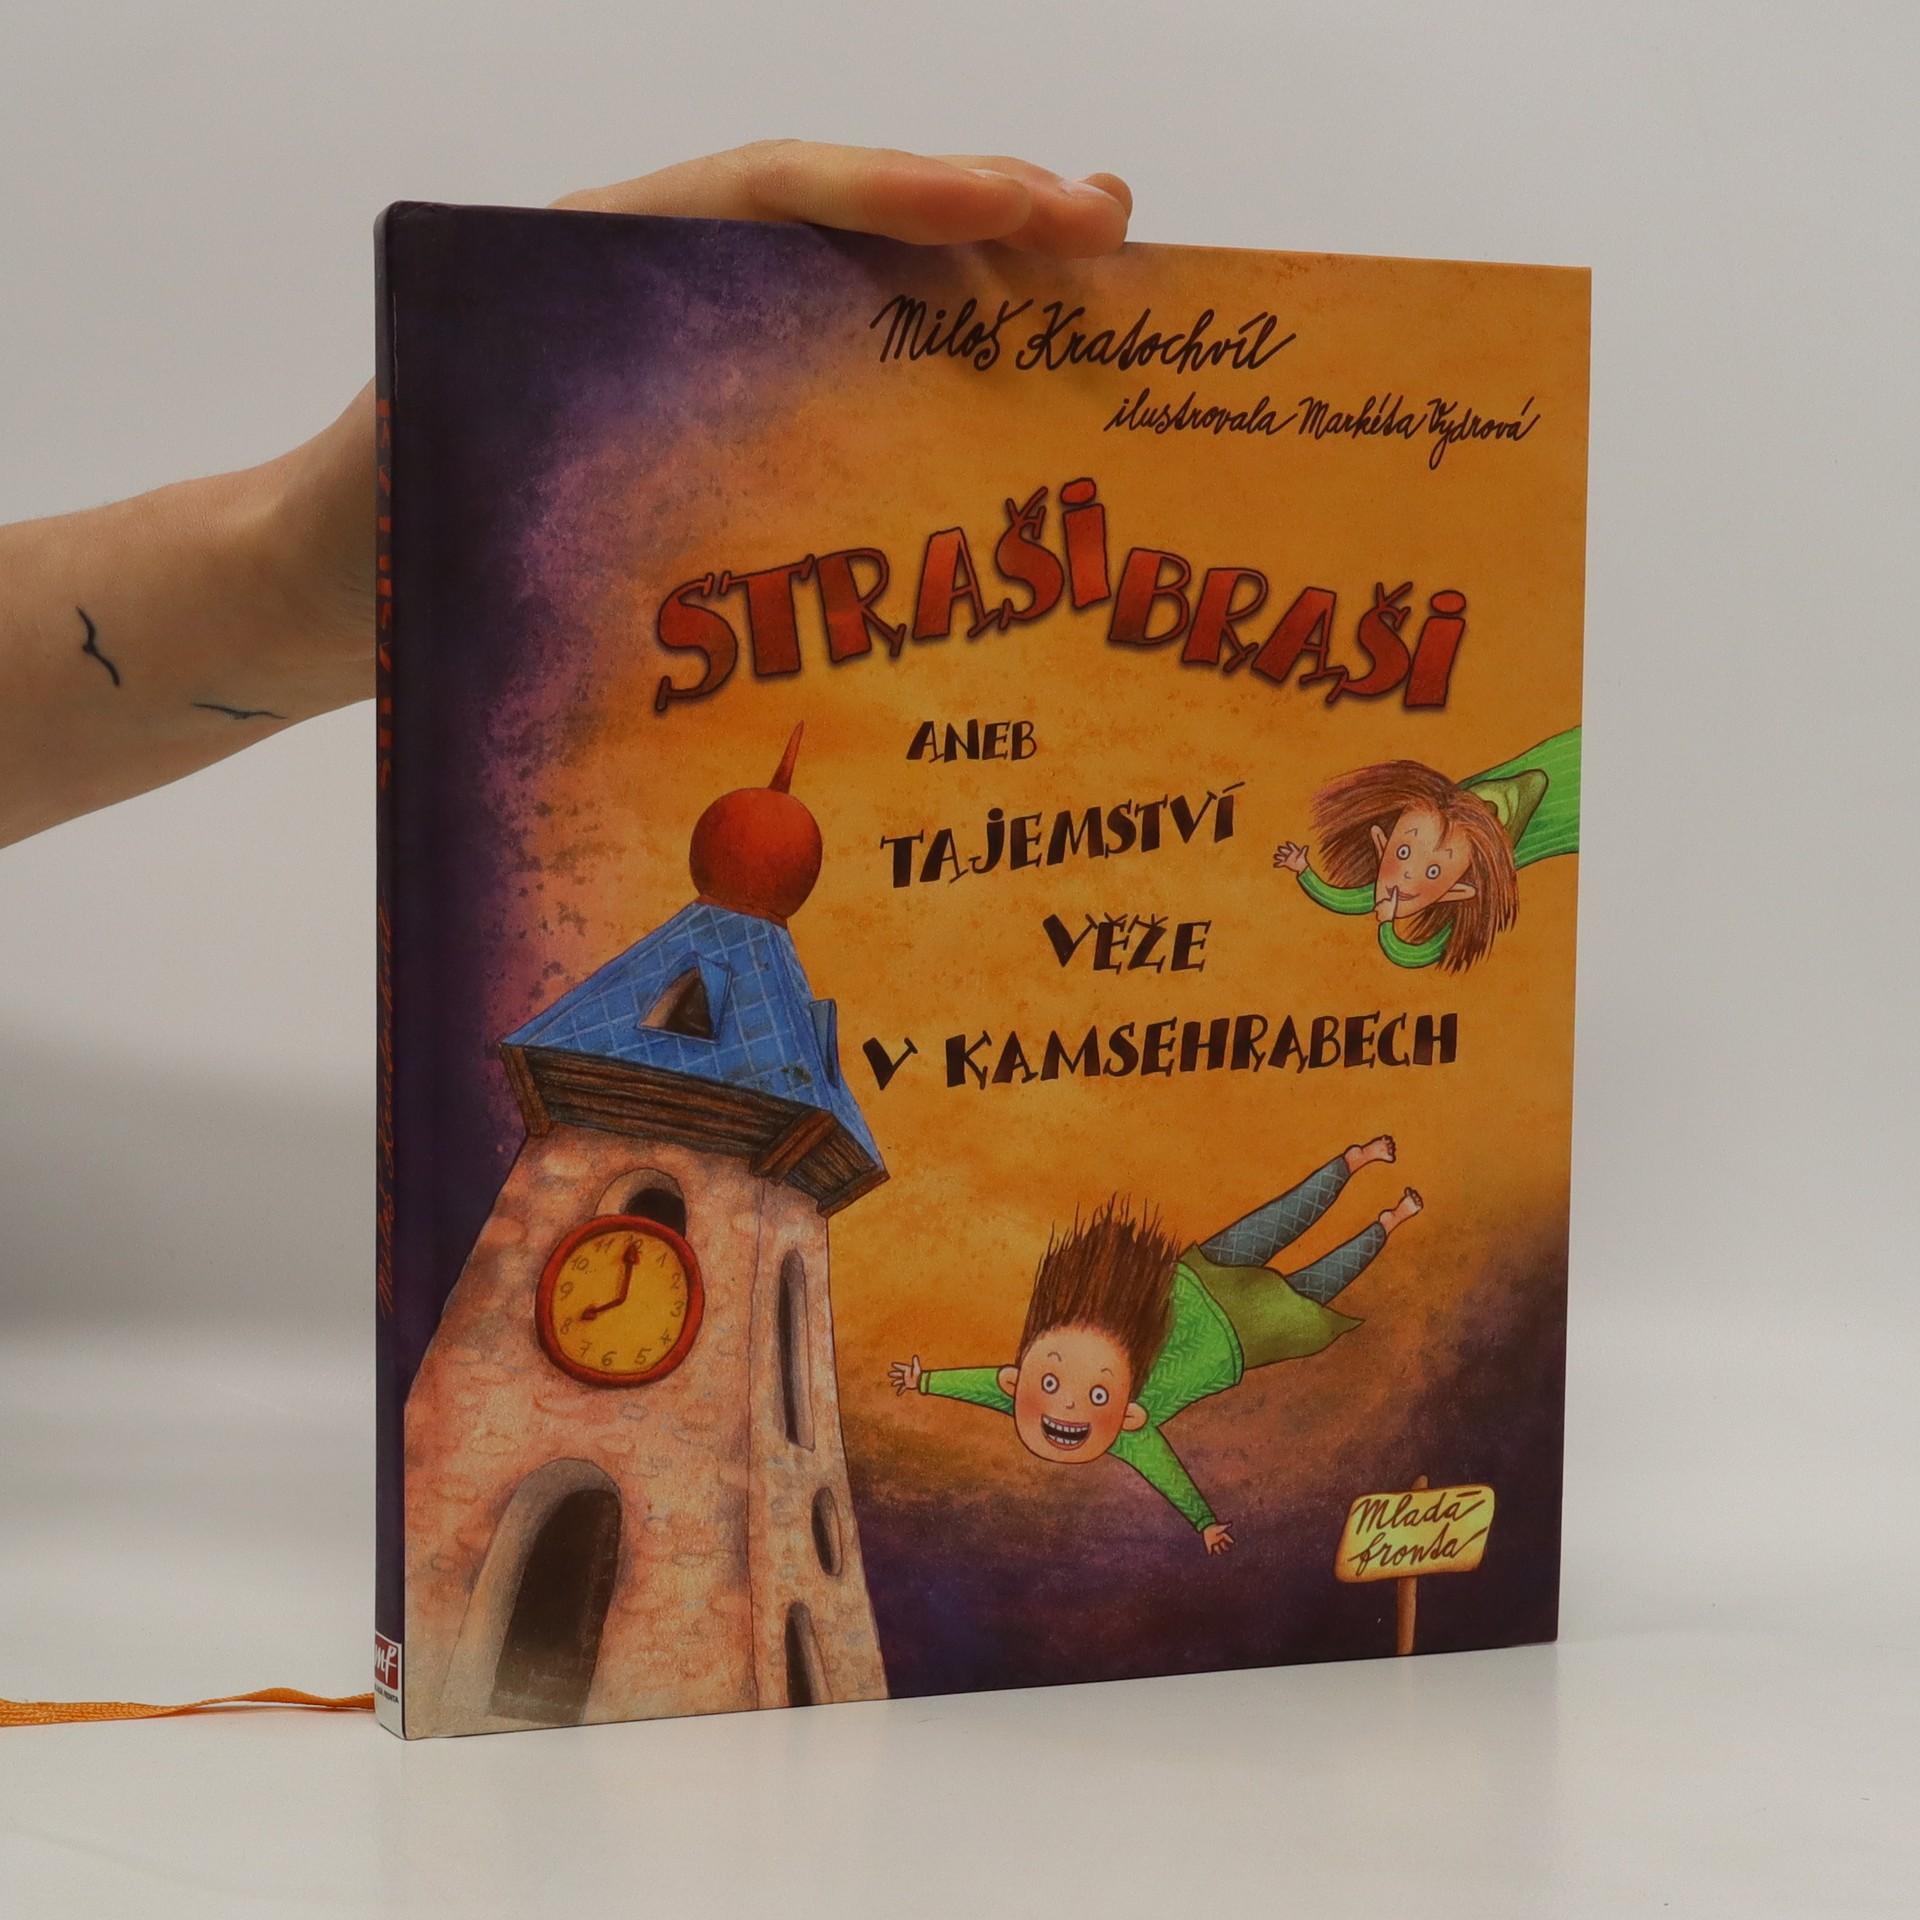 antikvární kniha Strašibraši aneb Tajemství věže v Kamsehrabech, 2010